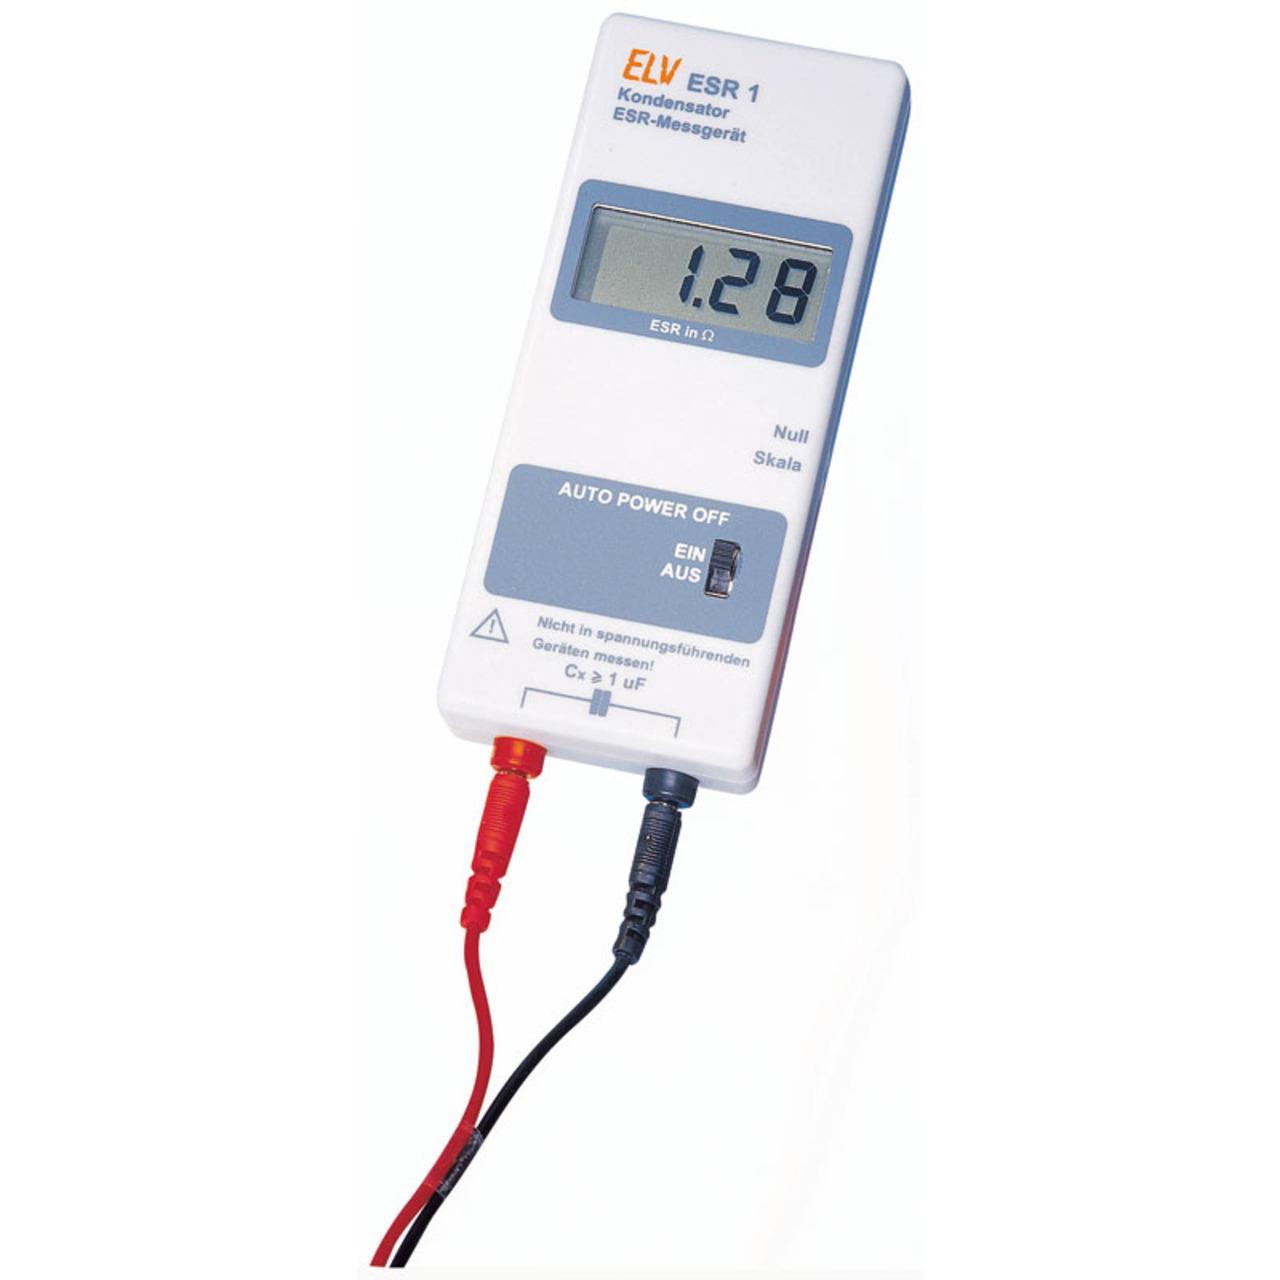 ELV Bausatz ESR-Messgerät ESR 1 inkl. Messleitungen